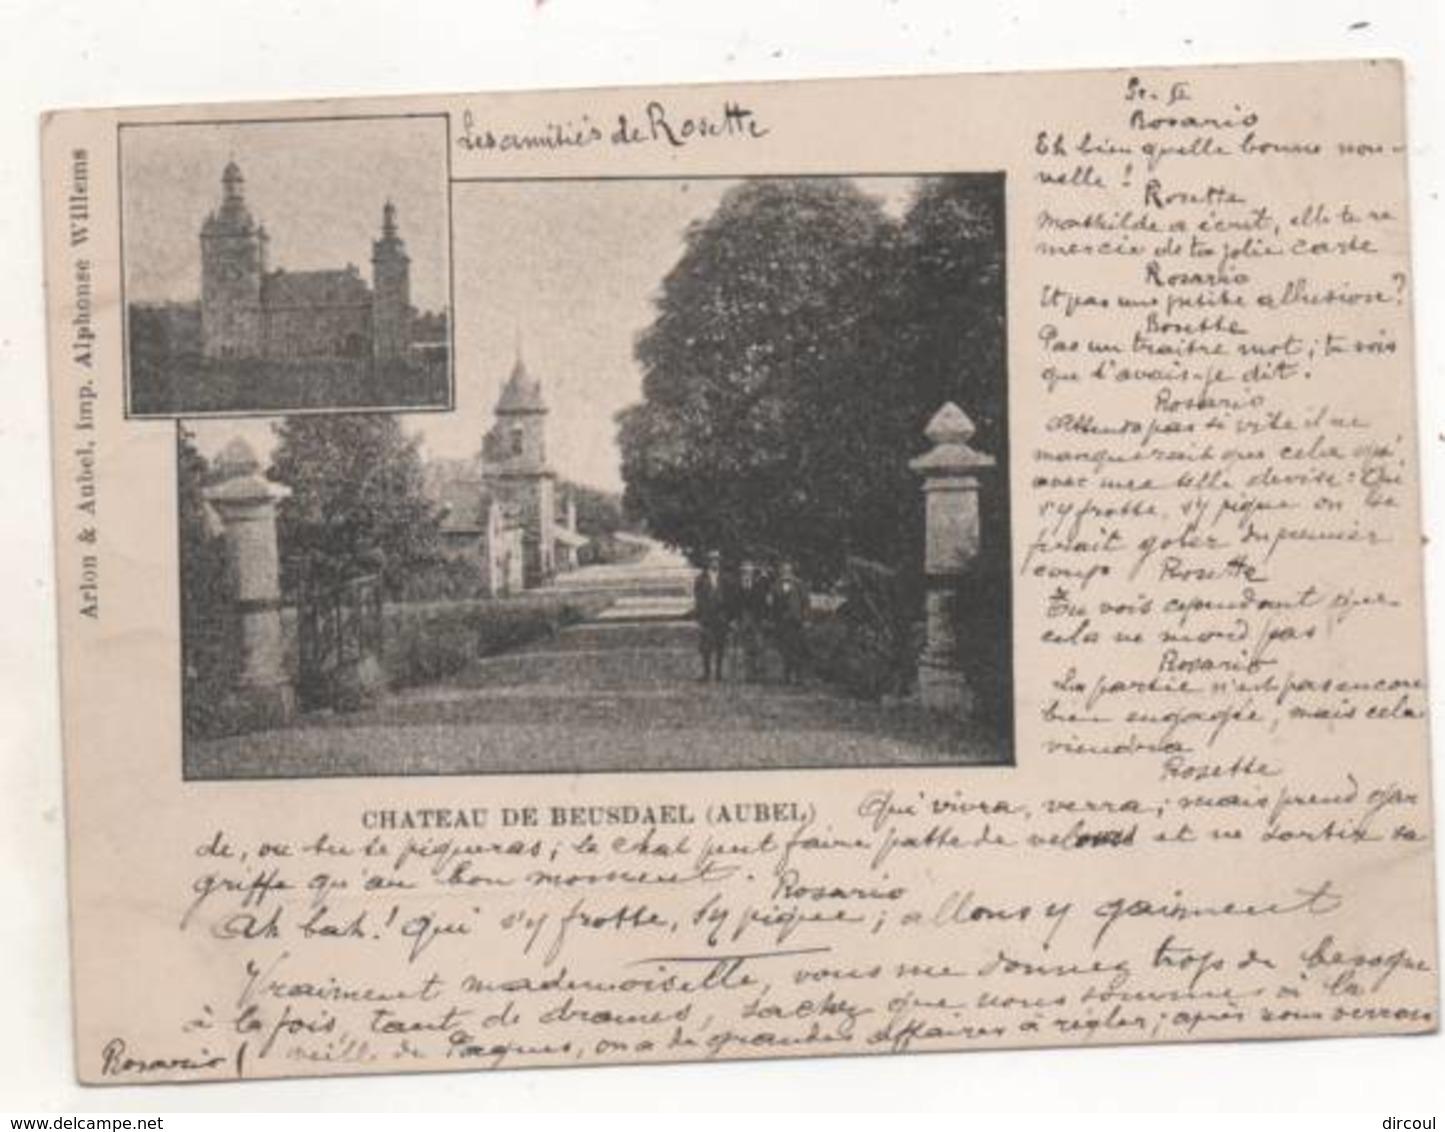 39504  -  Chateau De  Beusdael  - Aubel - Aubel